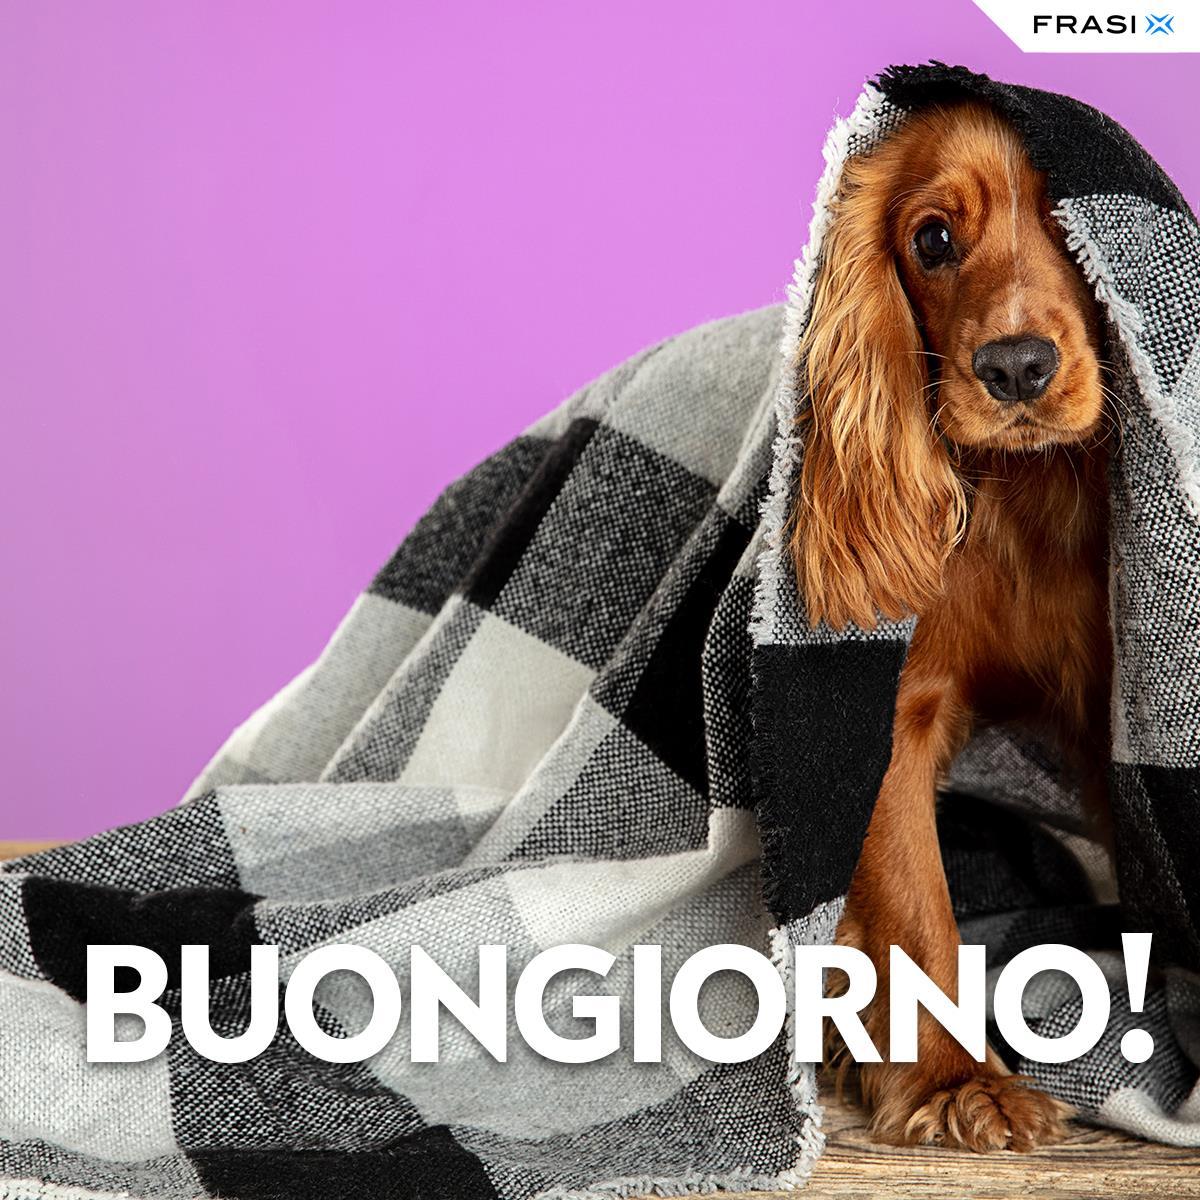 Messaggi buongiorno animali cane coperta